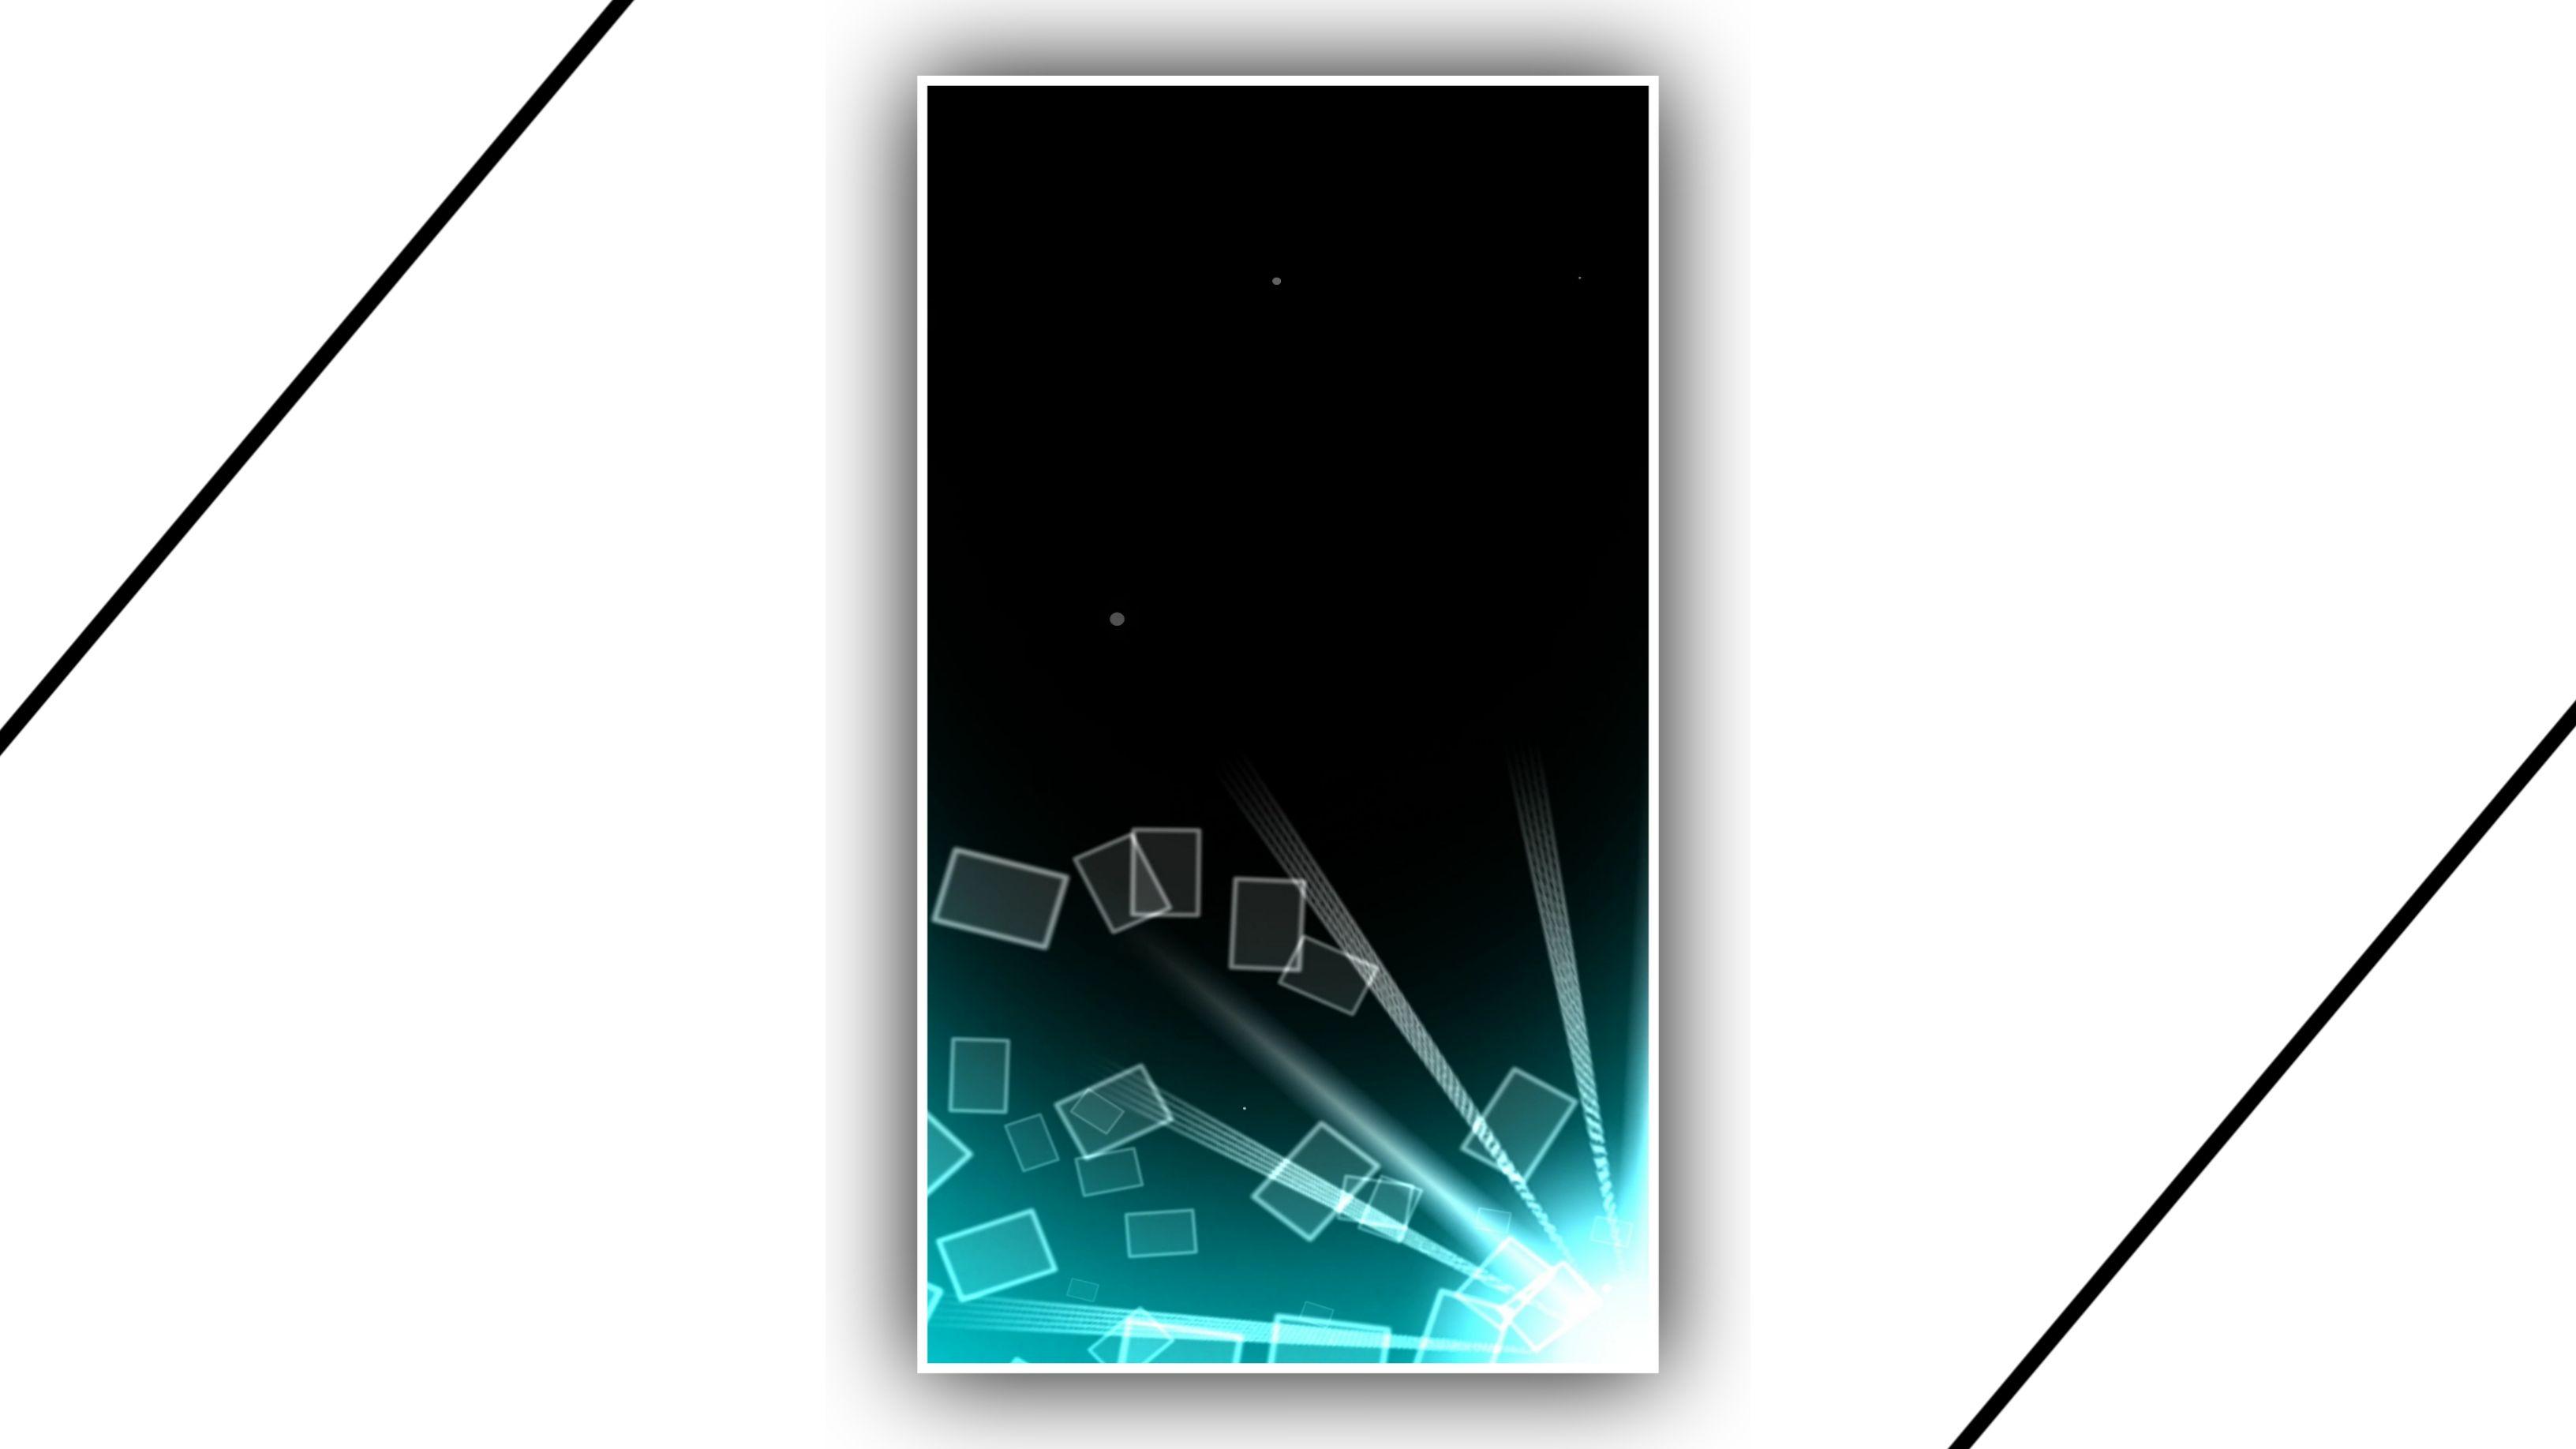 Soft Star Light Drop Effect Kinemaster Template HD